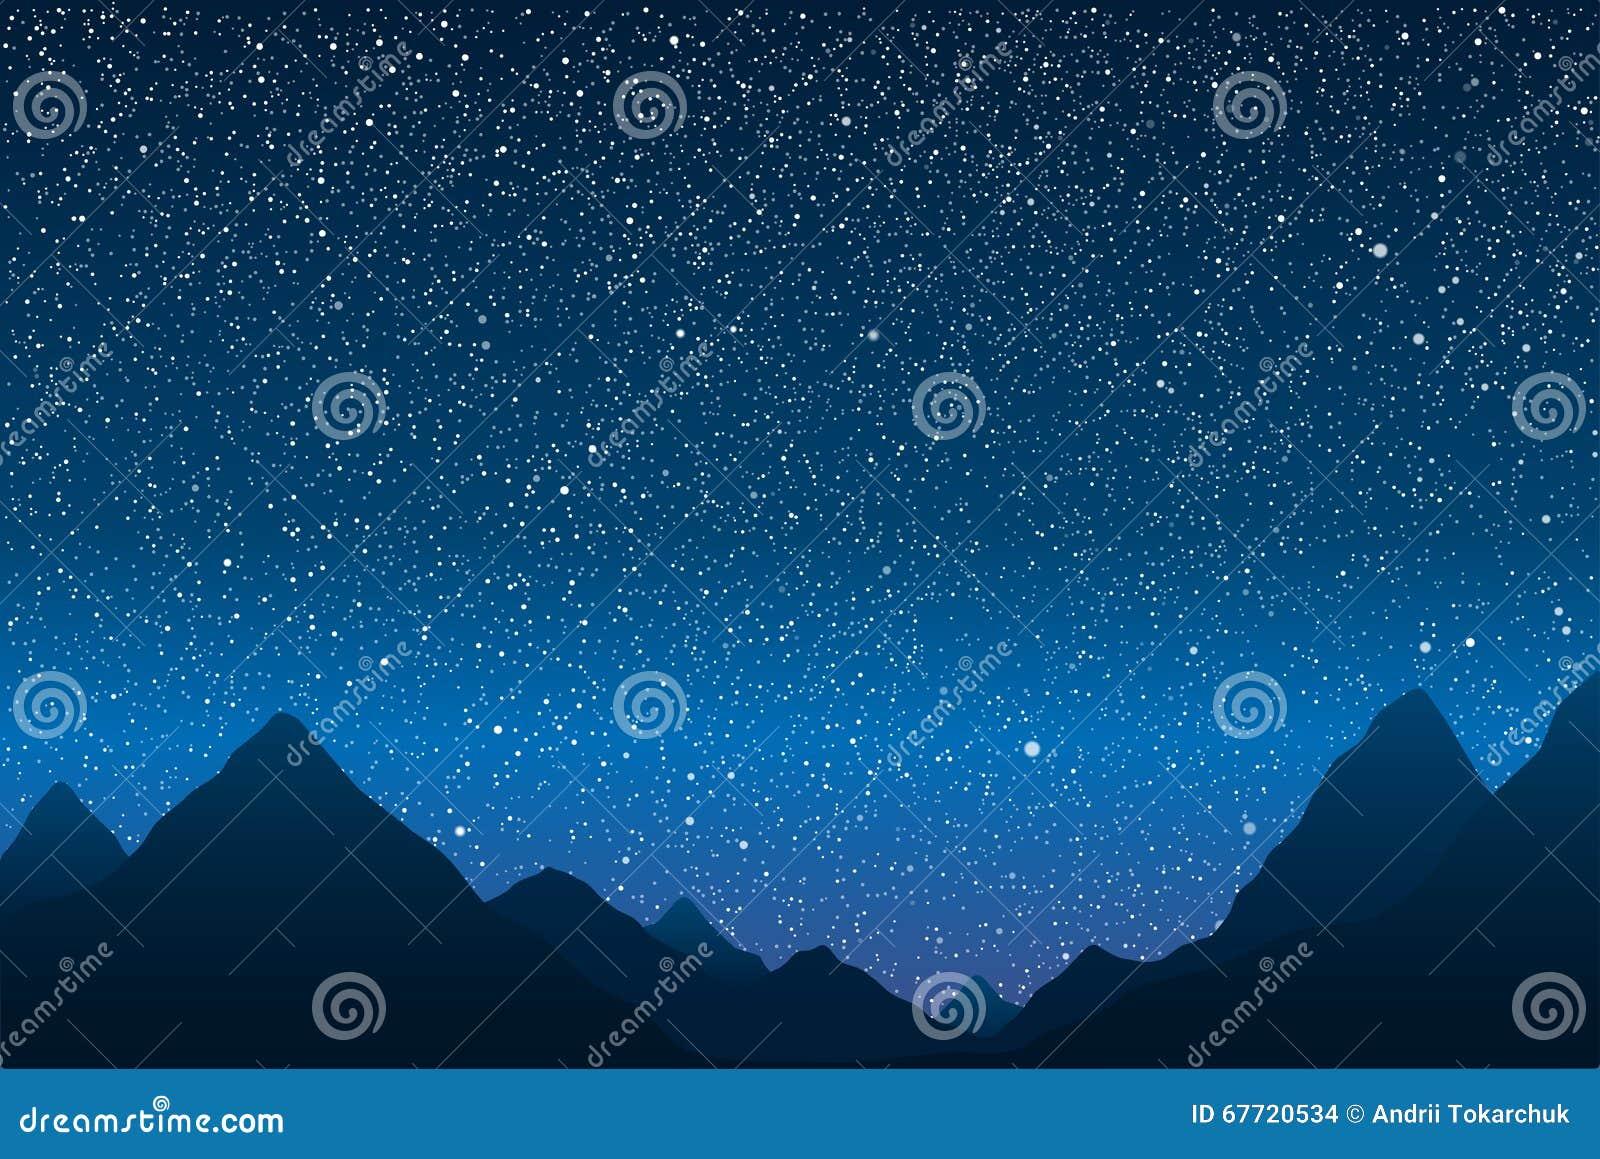 Blue Dream Cielo Stellato Costo.Siluetta Delle Montagne Cielo Stellato Env 10 Illustrazione